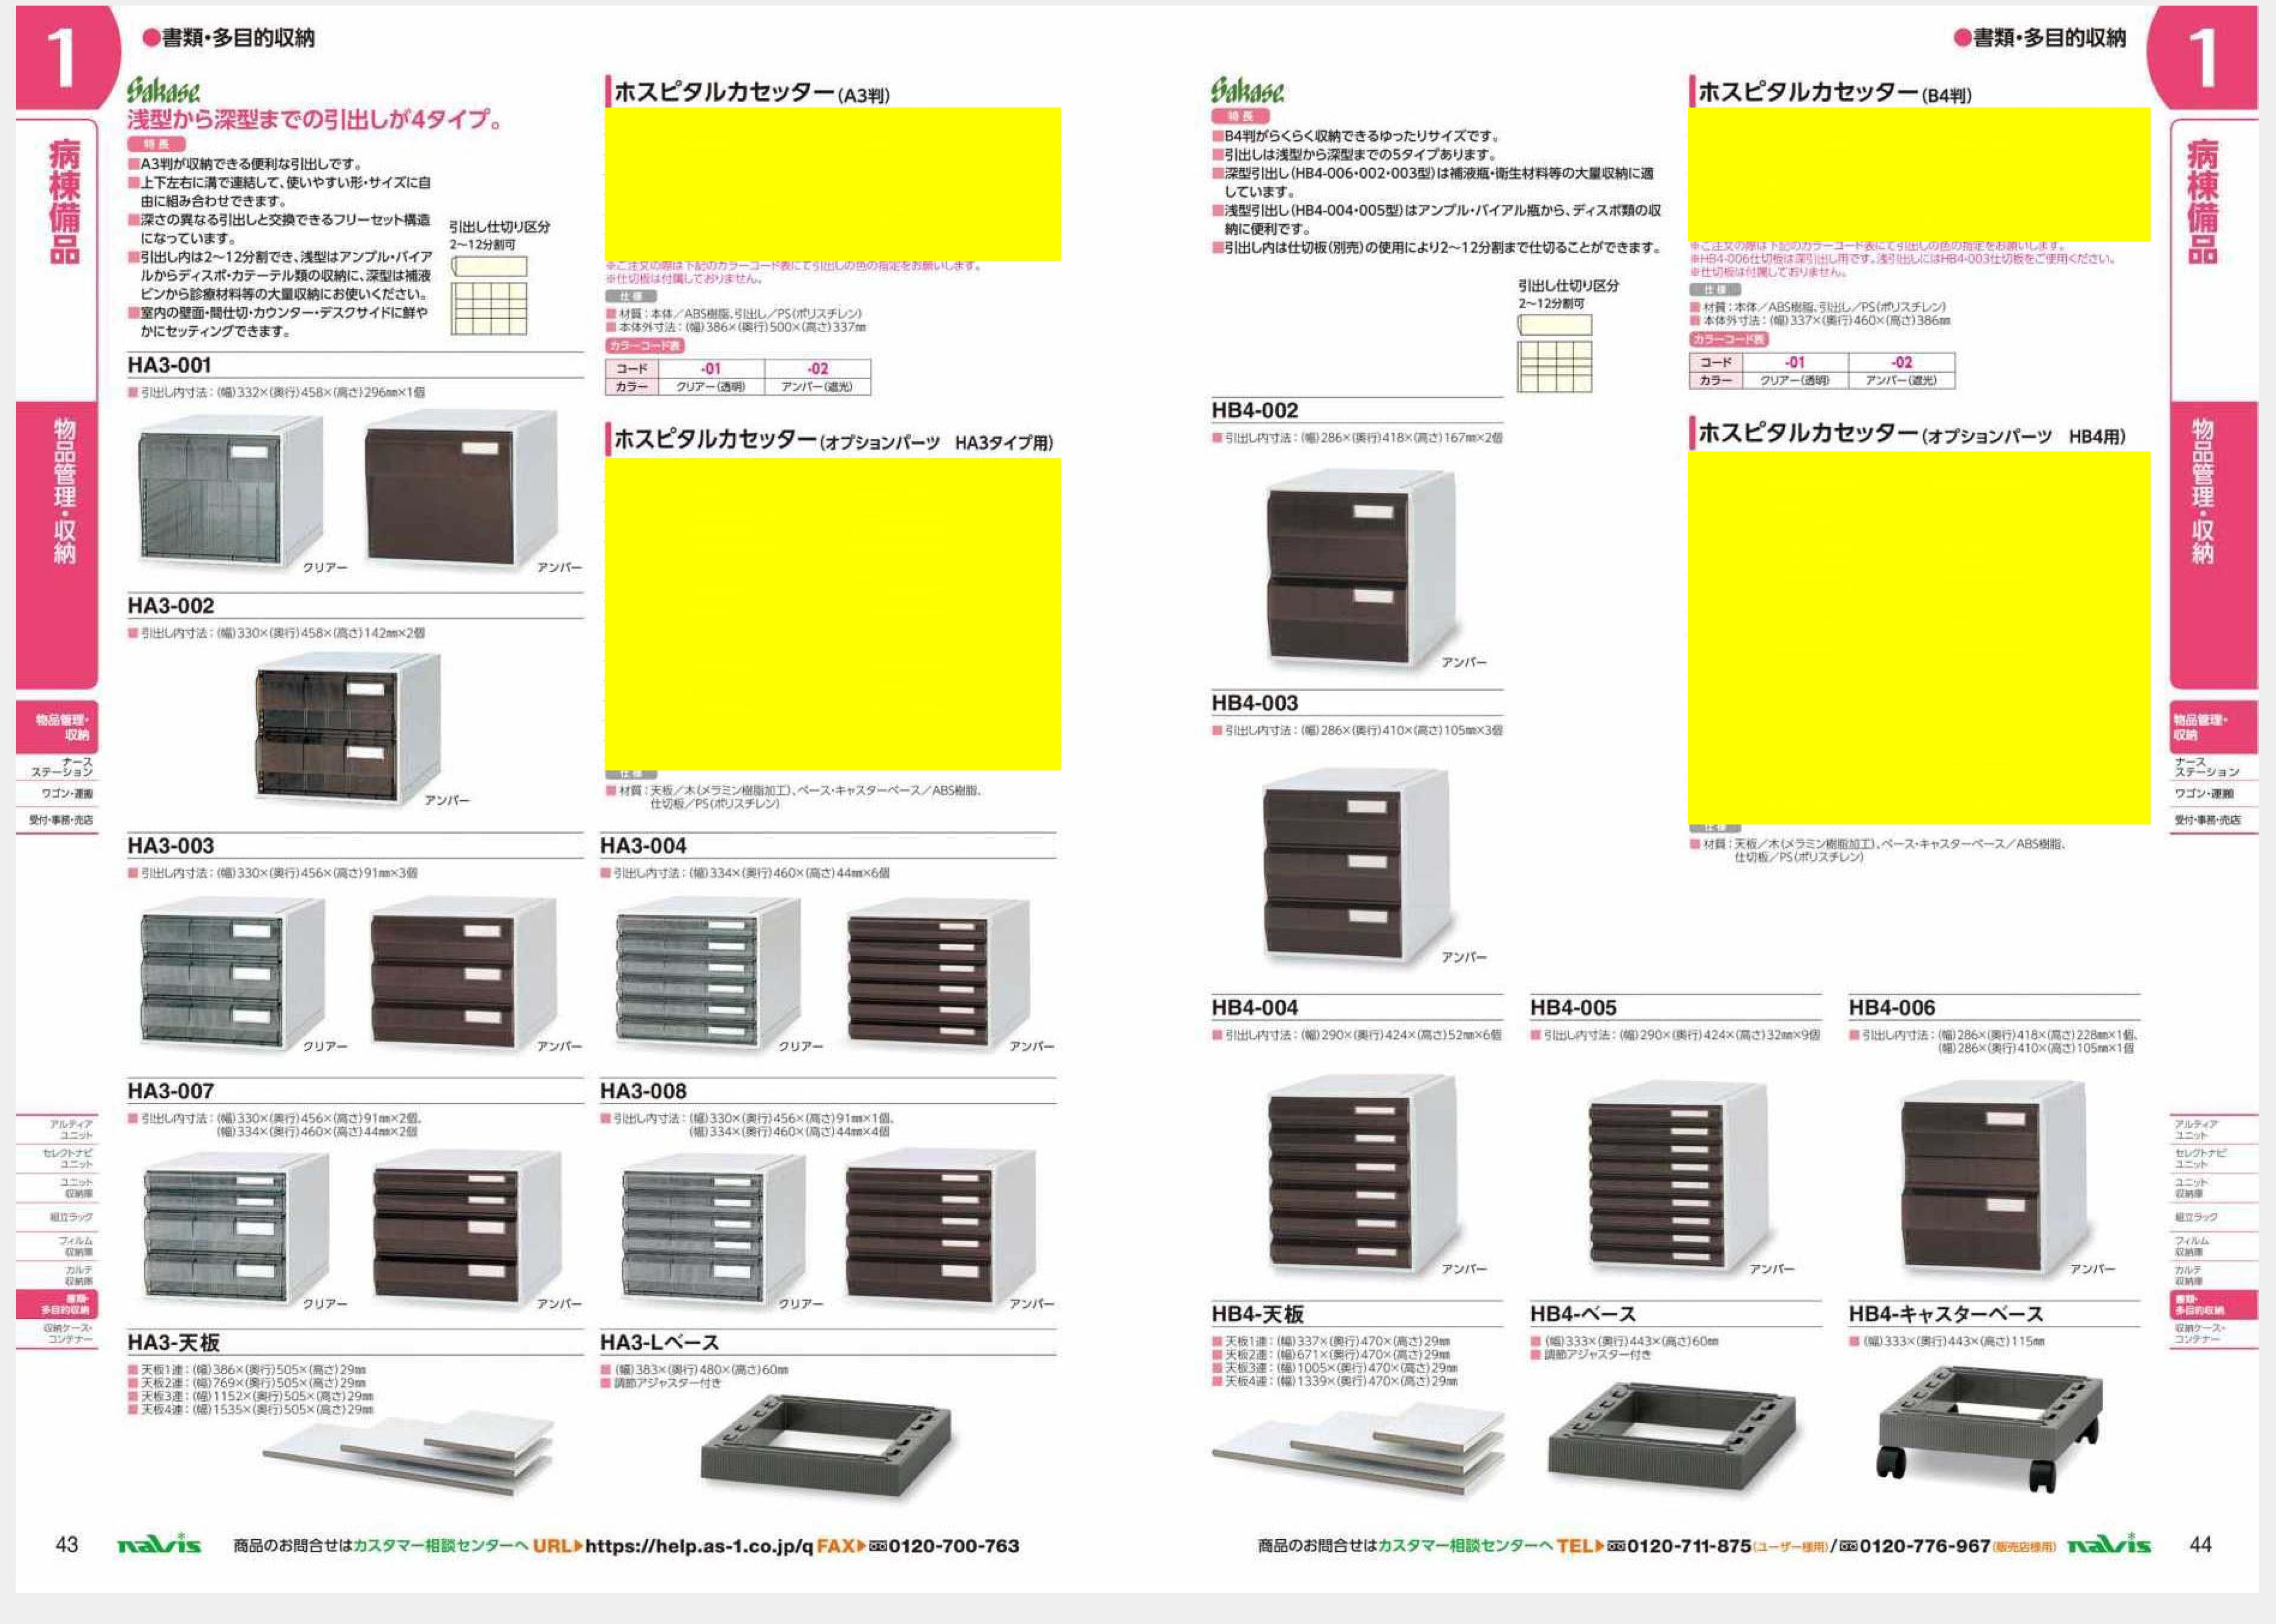 ナビス50000 サカセ 0-2458-14 ホスピタルカセッター(B4判)用仕切版 HB4−005 タテ[枚](as1-0-2458-14)